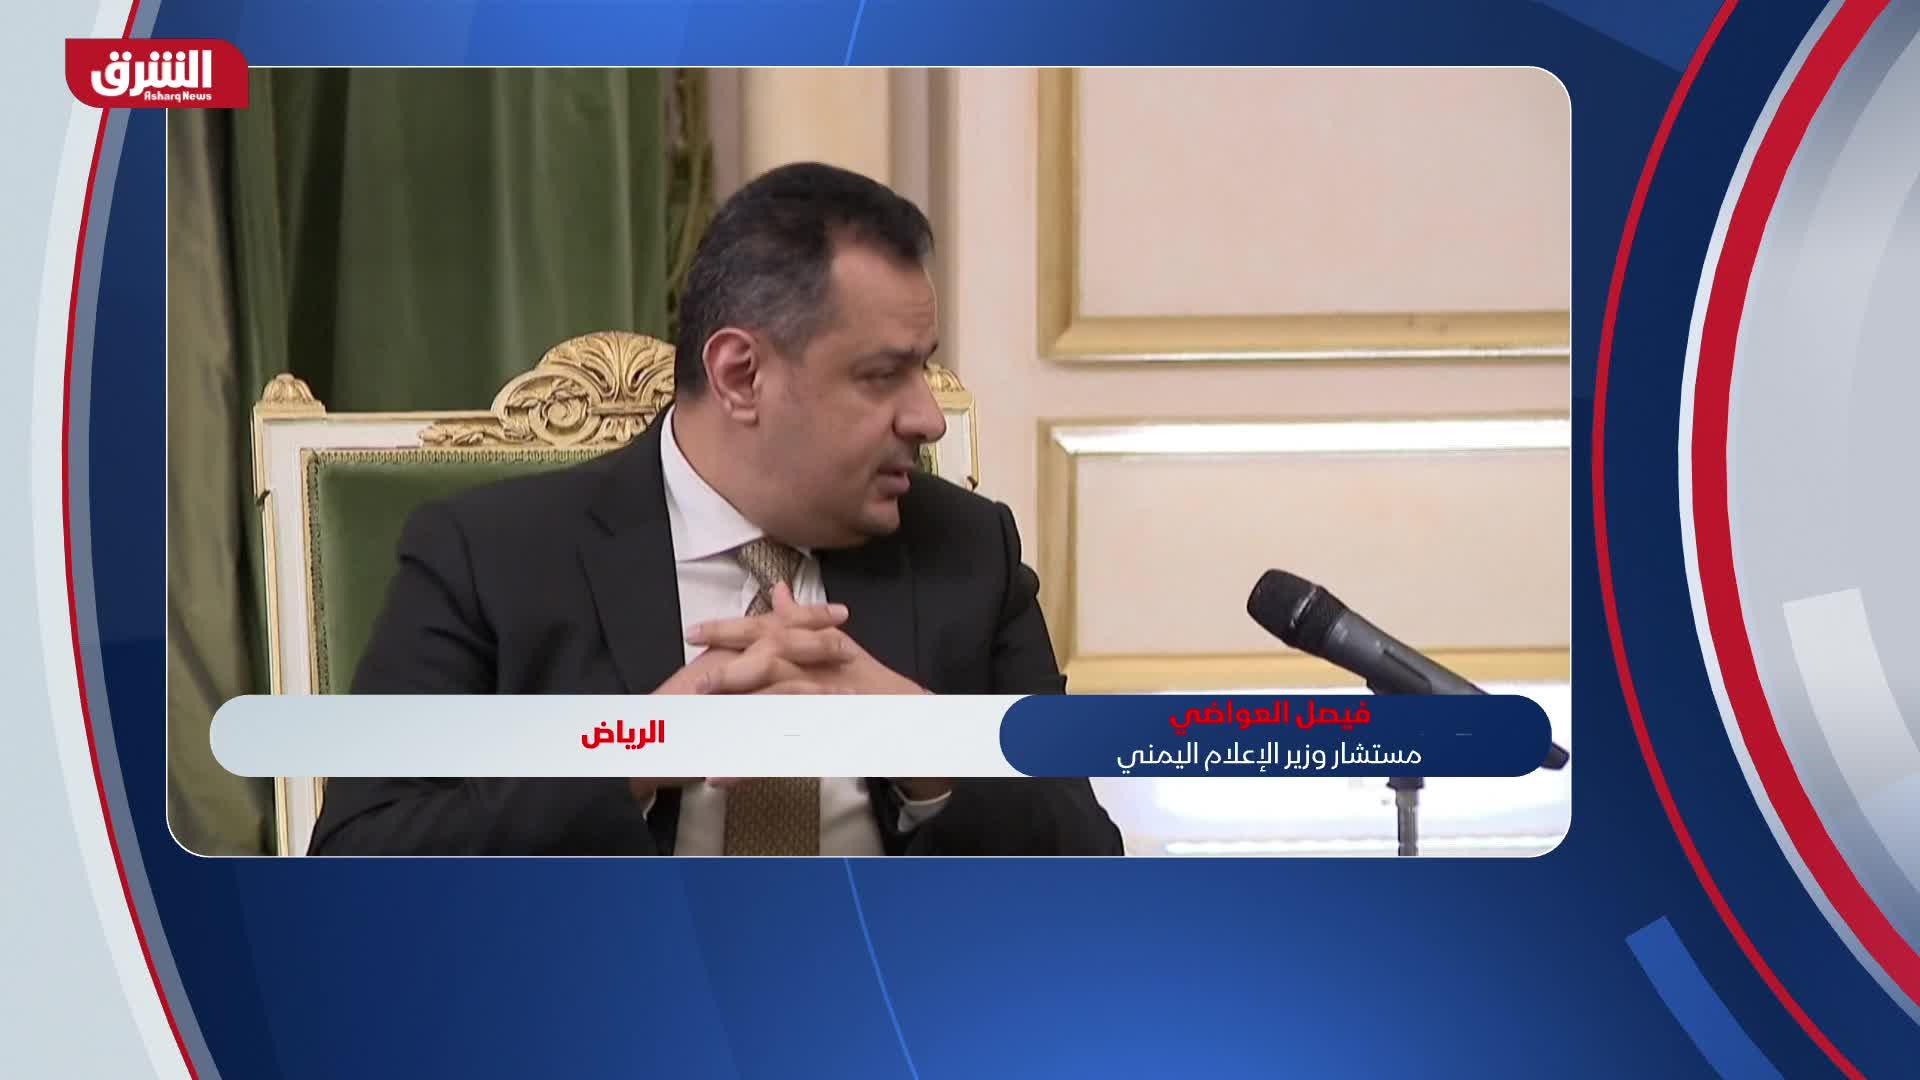 التحالف يهيئ الظروف السياسية في اليمن